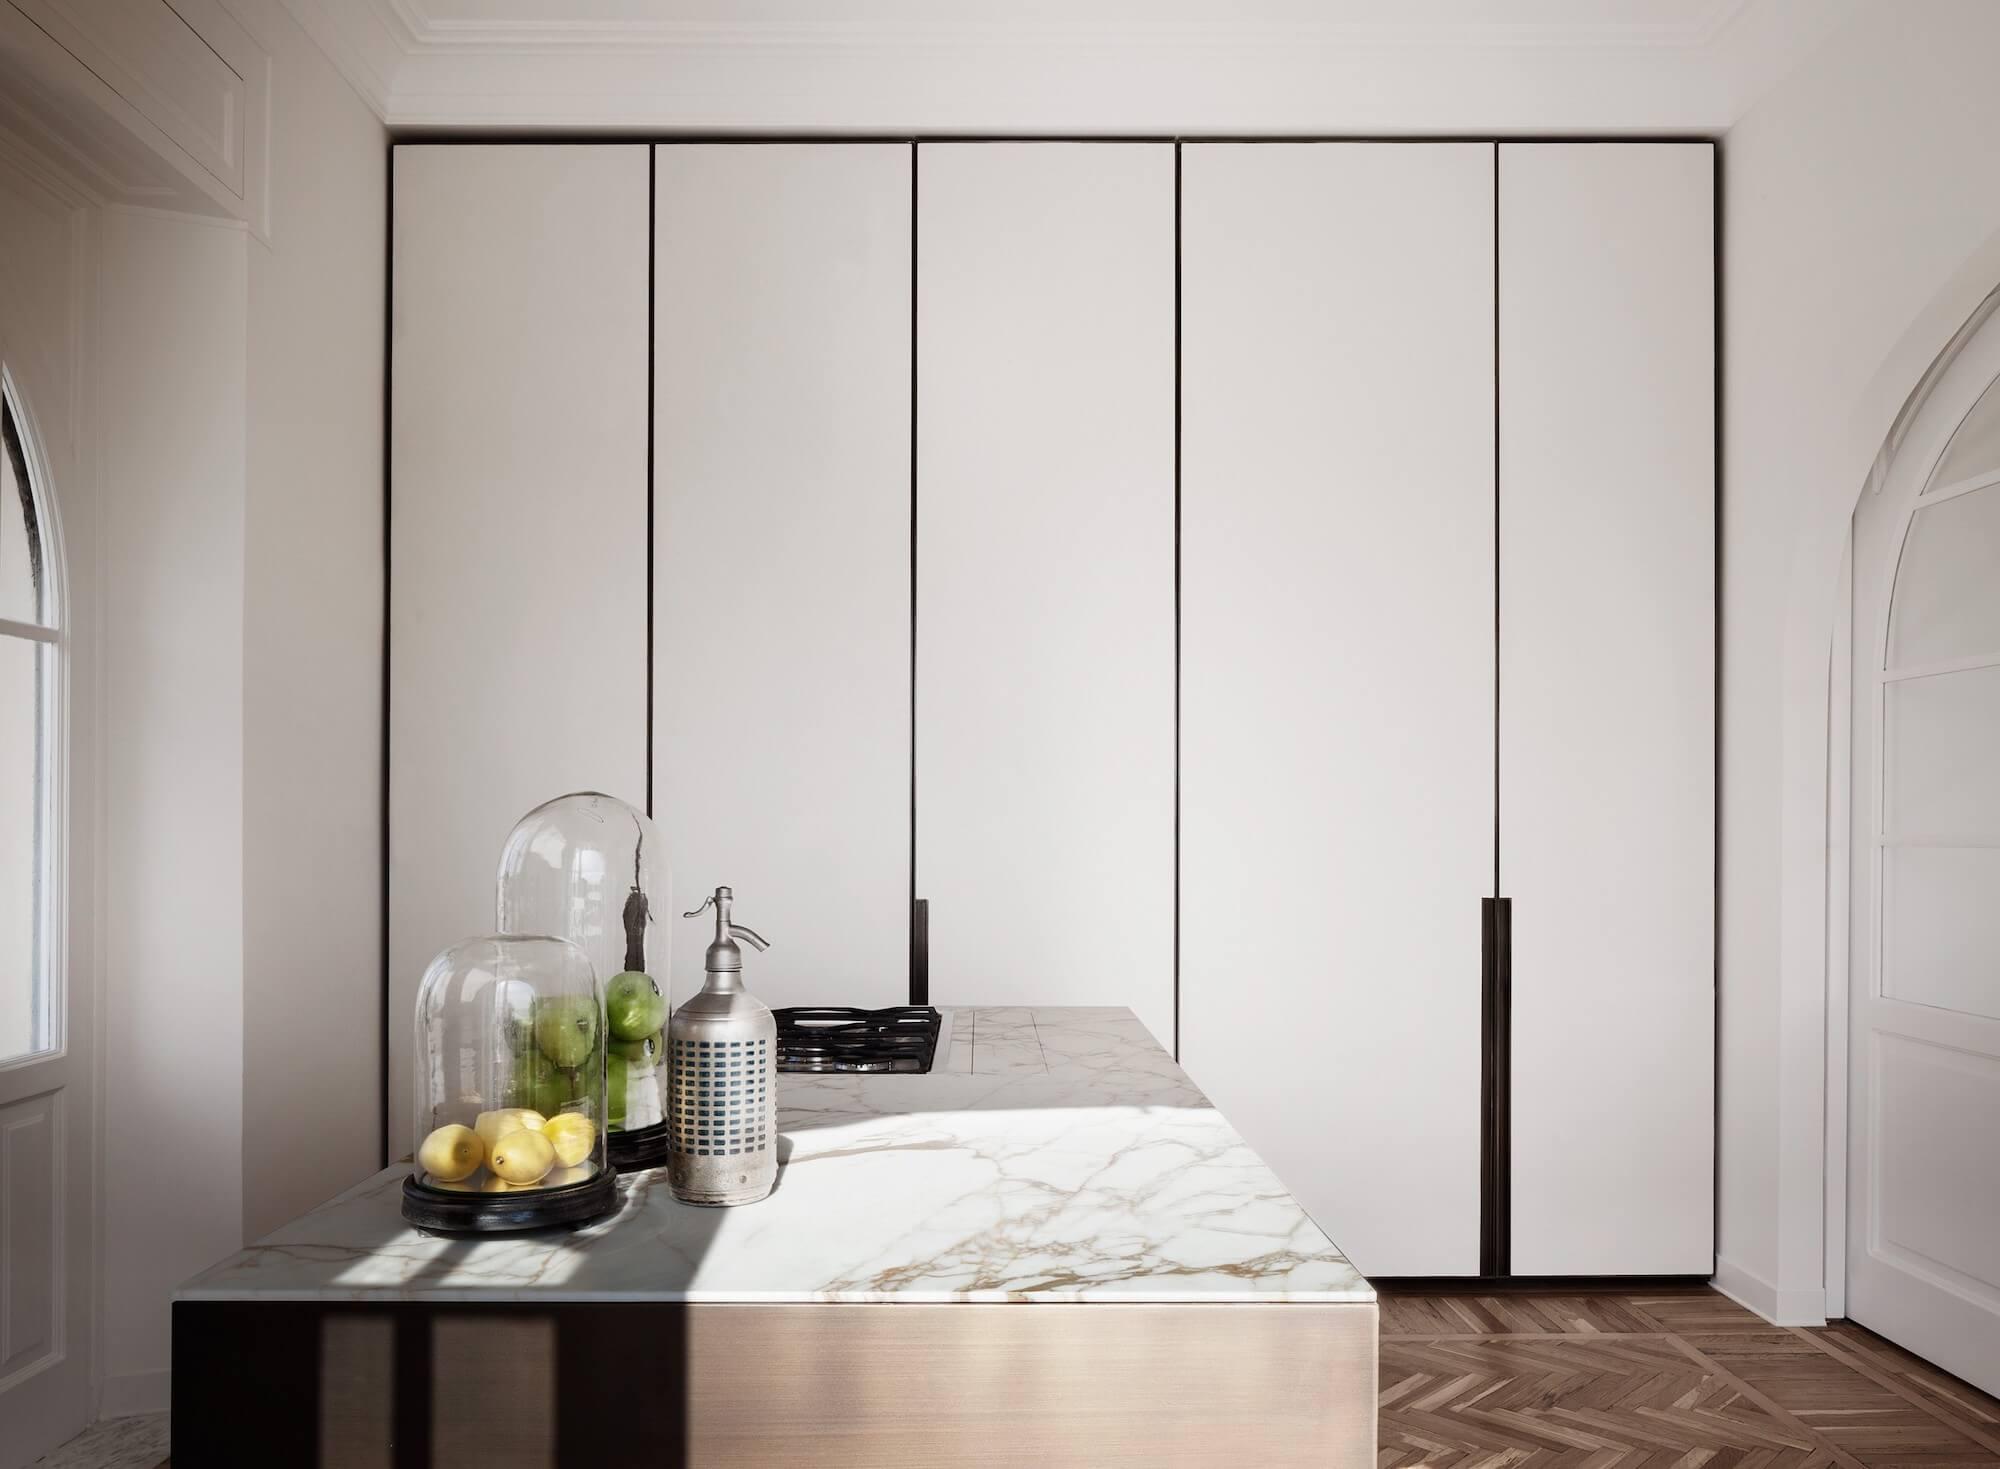 quincoces drago rome apartment 03